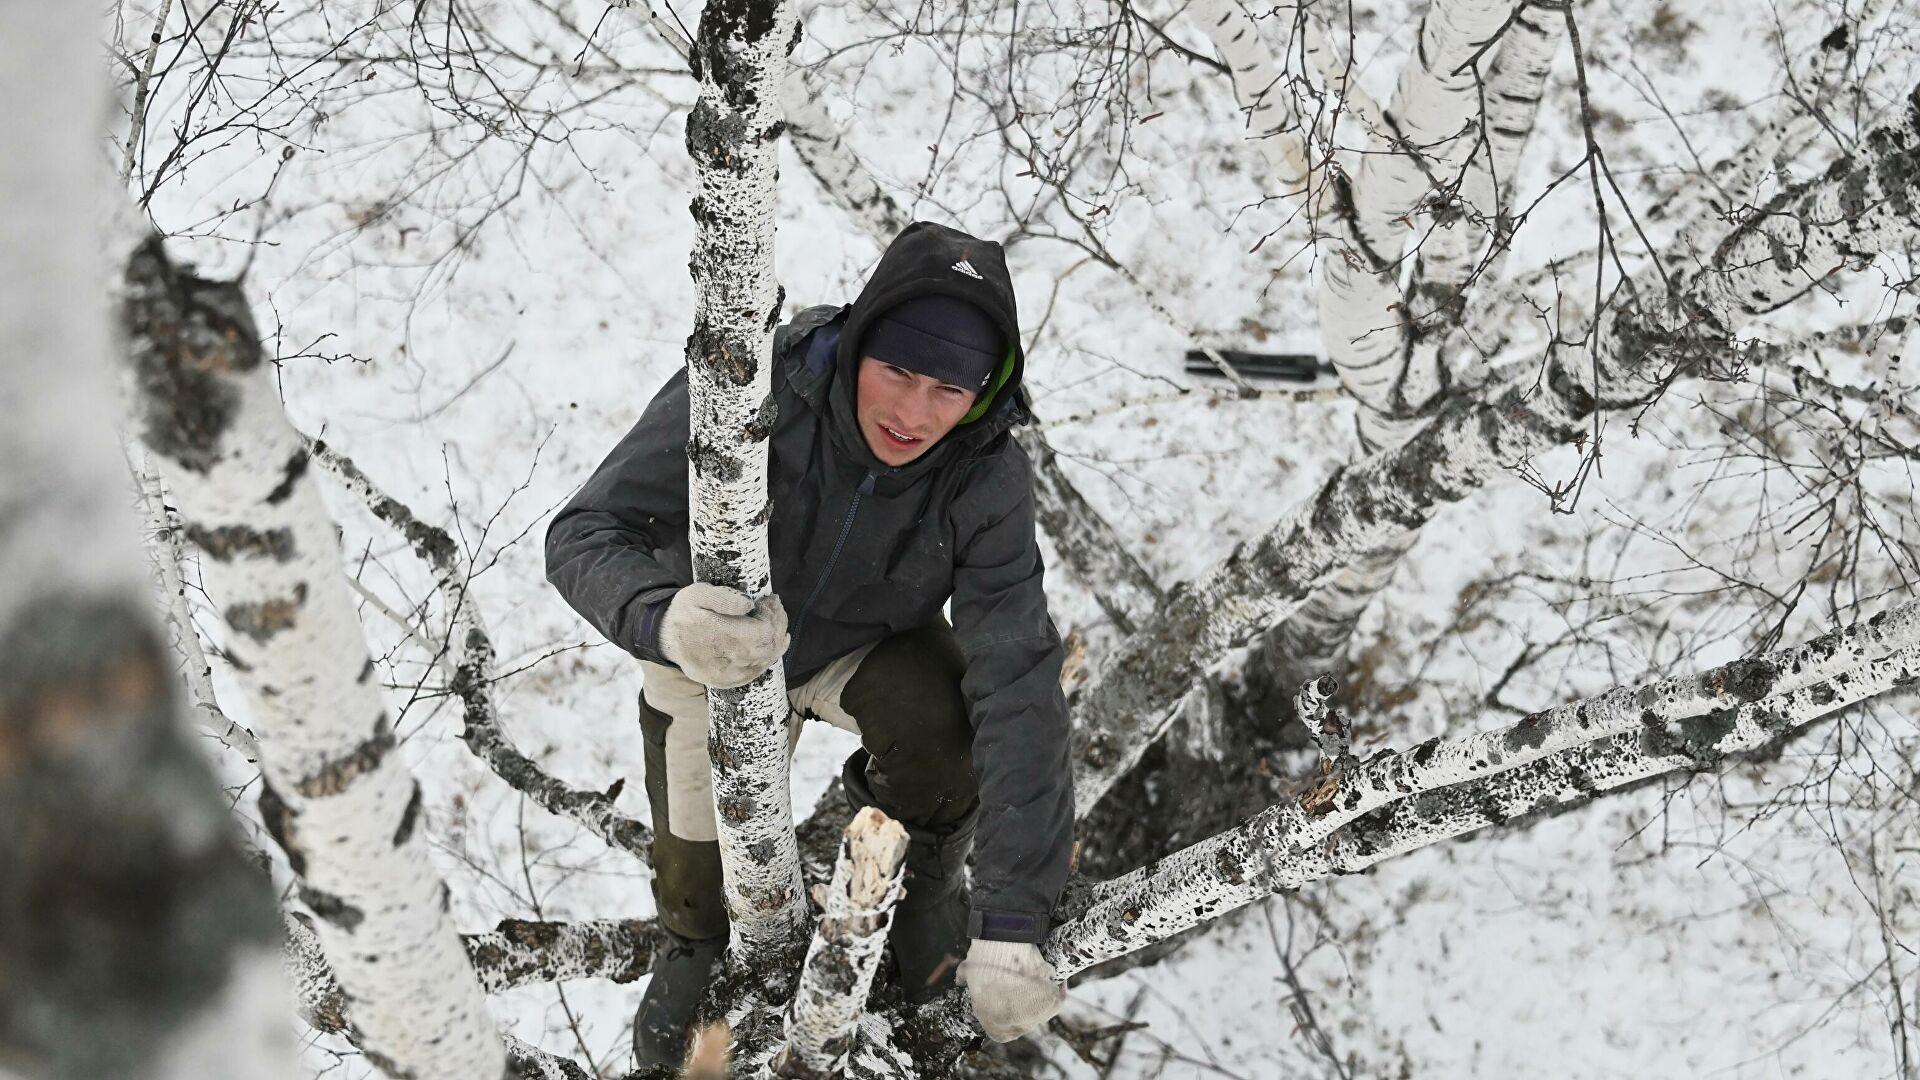 Россиянин получил травму, забравшись на берёзу ради доступа в интернет